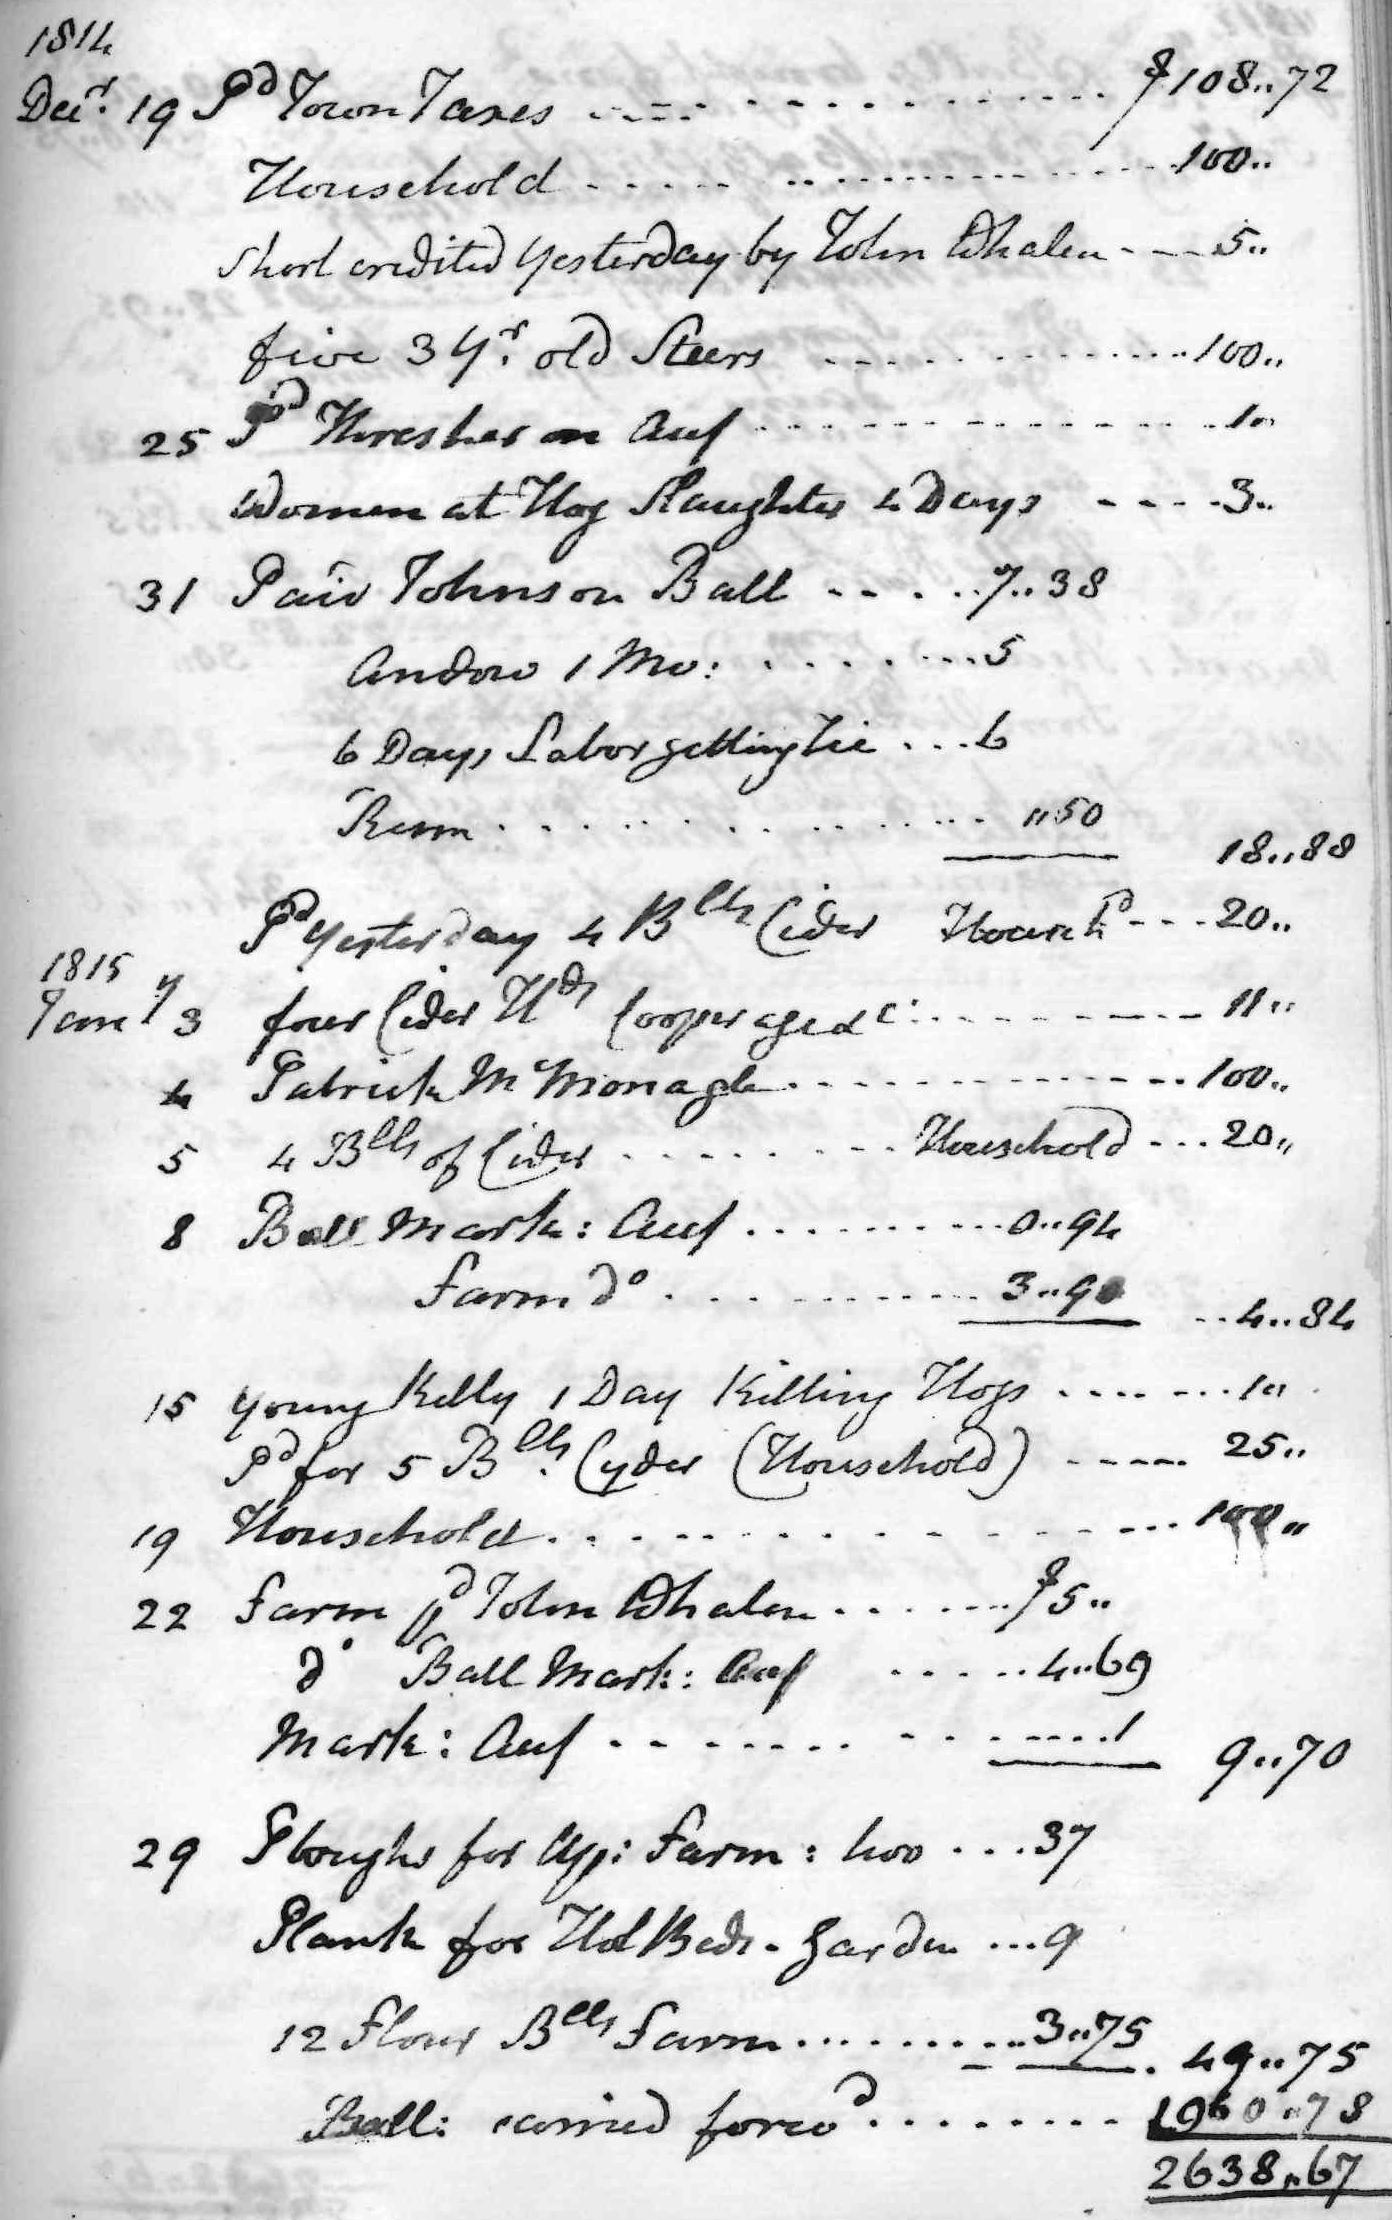 Gouverneur Morris Cash Book, folio 37, right side